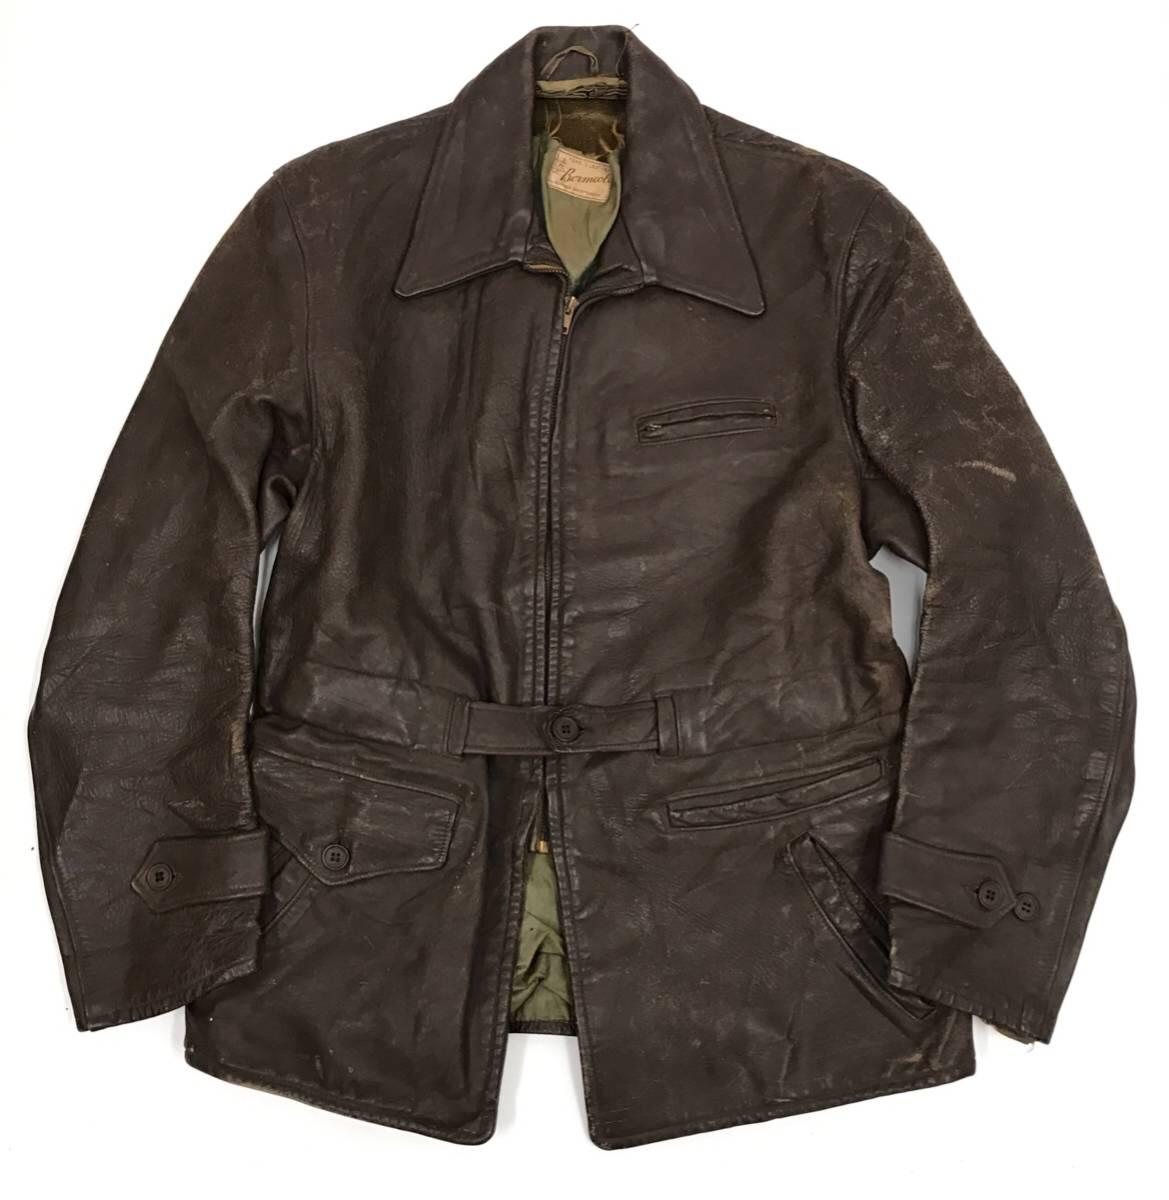 希少 40s ビンテージ レザー カーコート ジャケット 変形ポケット カウレザー スポジャケ 1940年代 ブラウン Sportwear 社